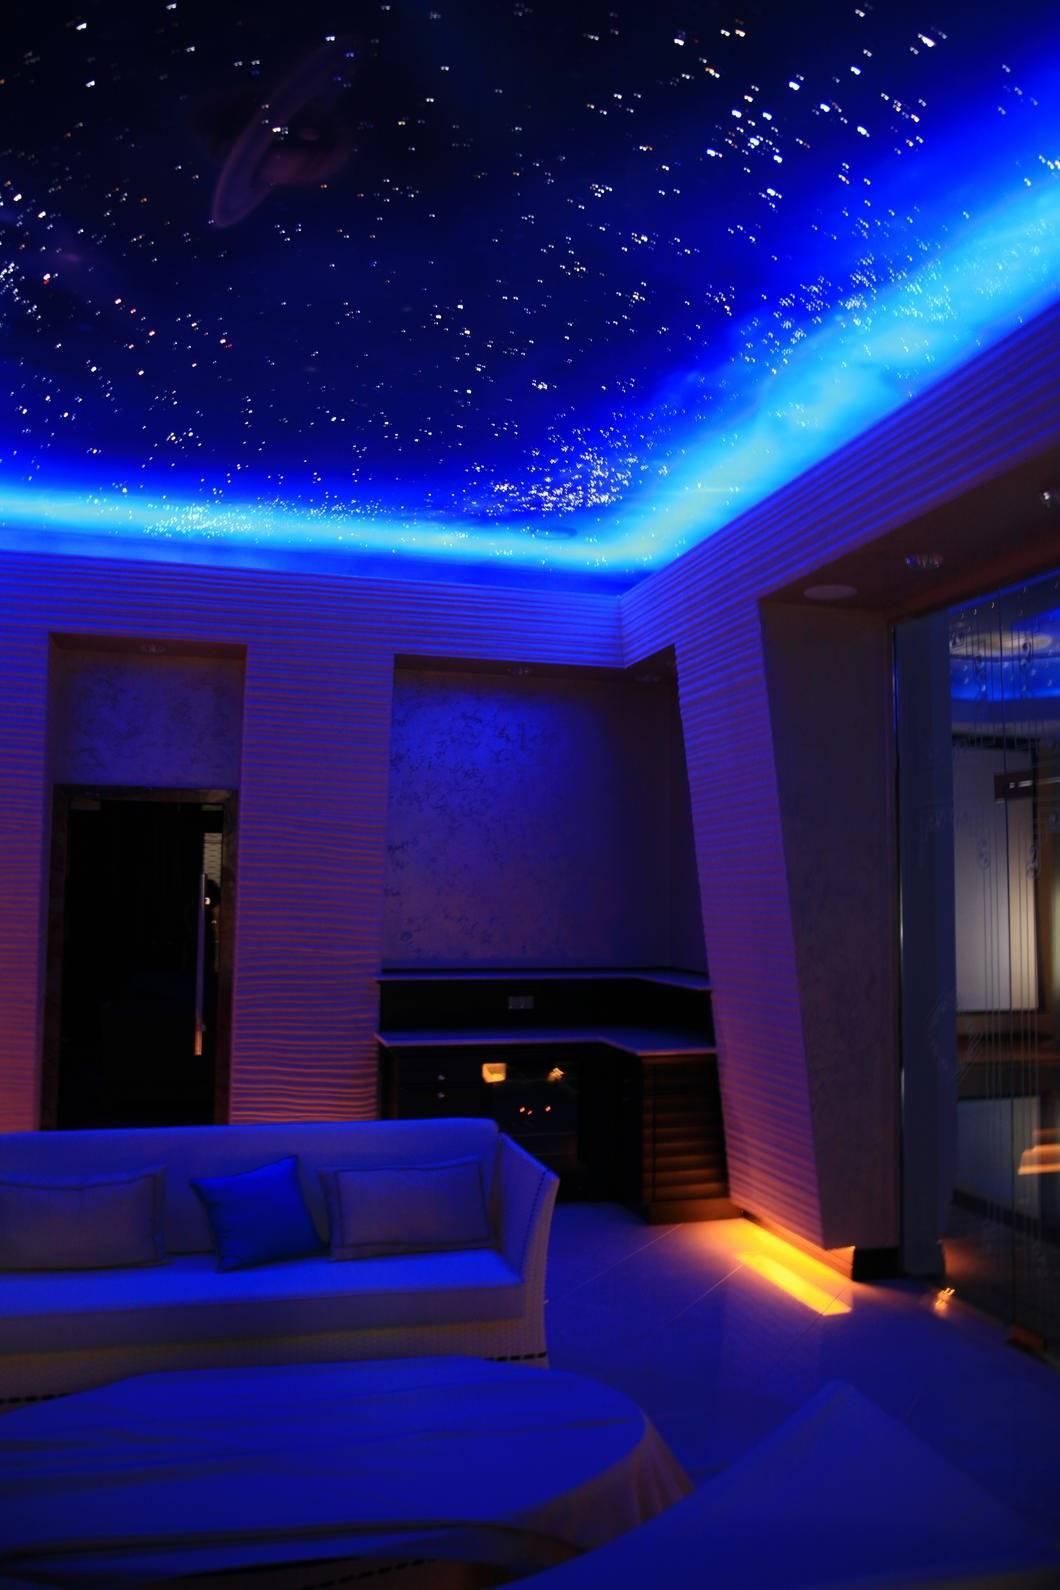 Потолочное освещение (67 фото): варианты для натяжных потолков из гипсокартона, примеры дизайна в стиле лофт, виды освещения